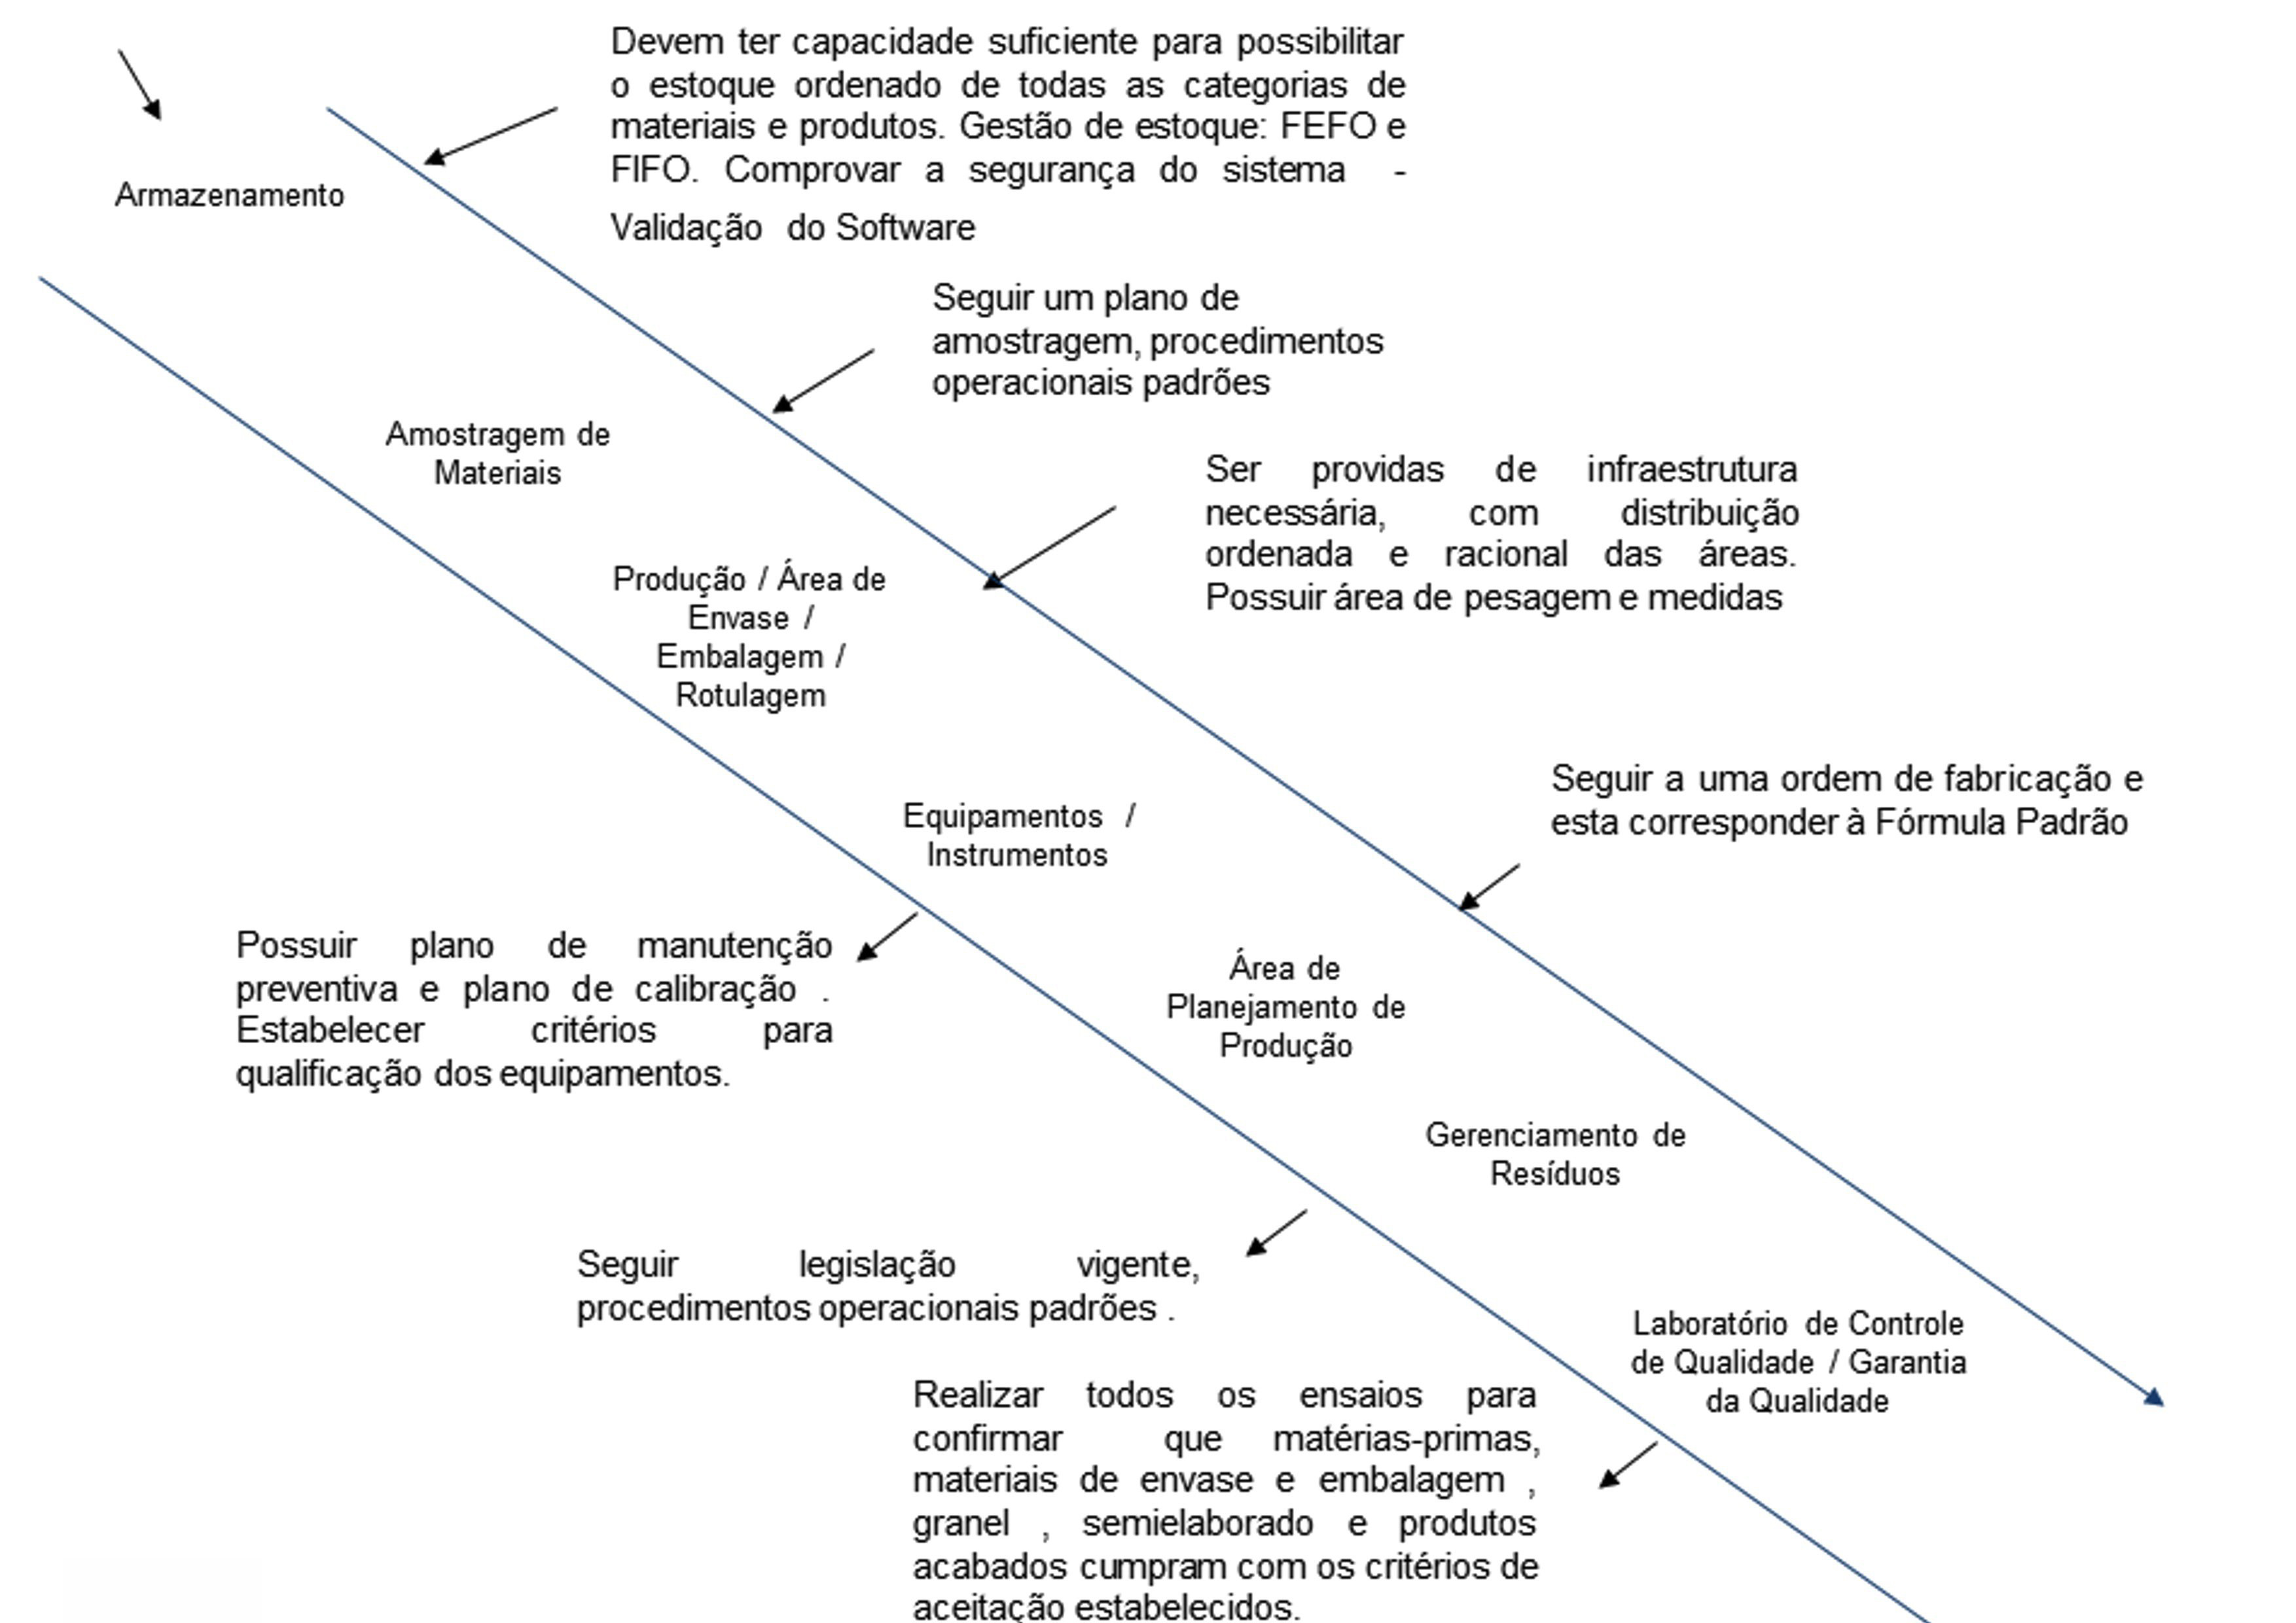 http://boaspraticasnet.com.br/wp-content/uploads/2013/06/Figura-21.jpg